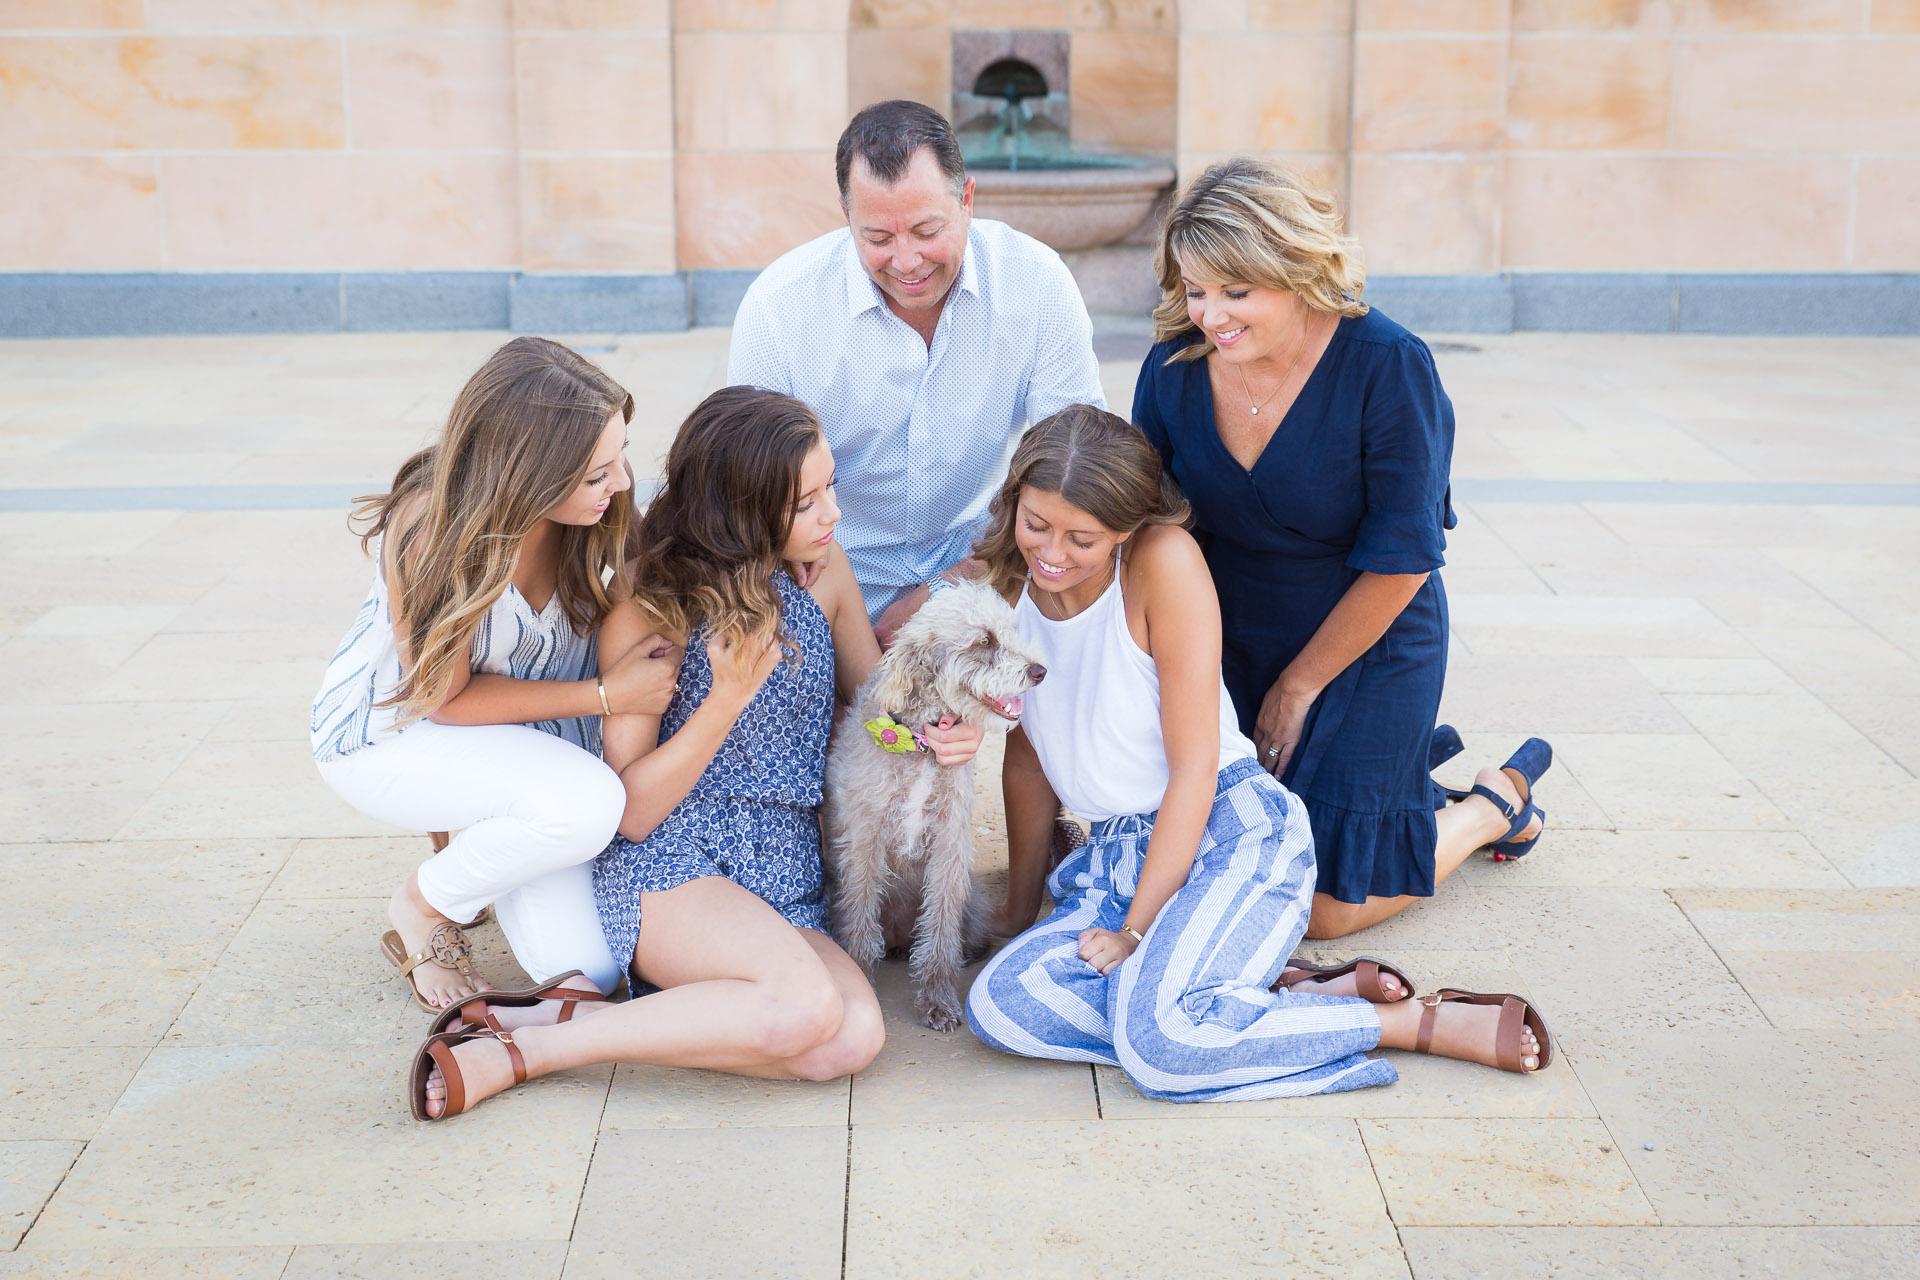 Family-Photographer-Des-Moines-14.jpg